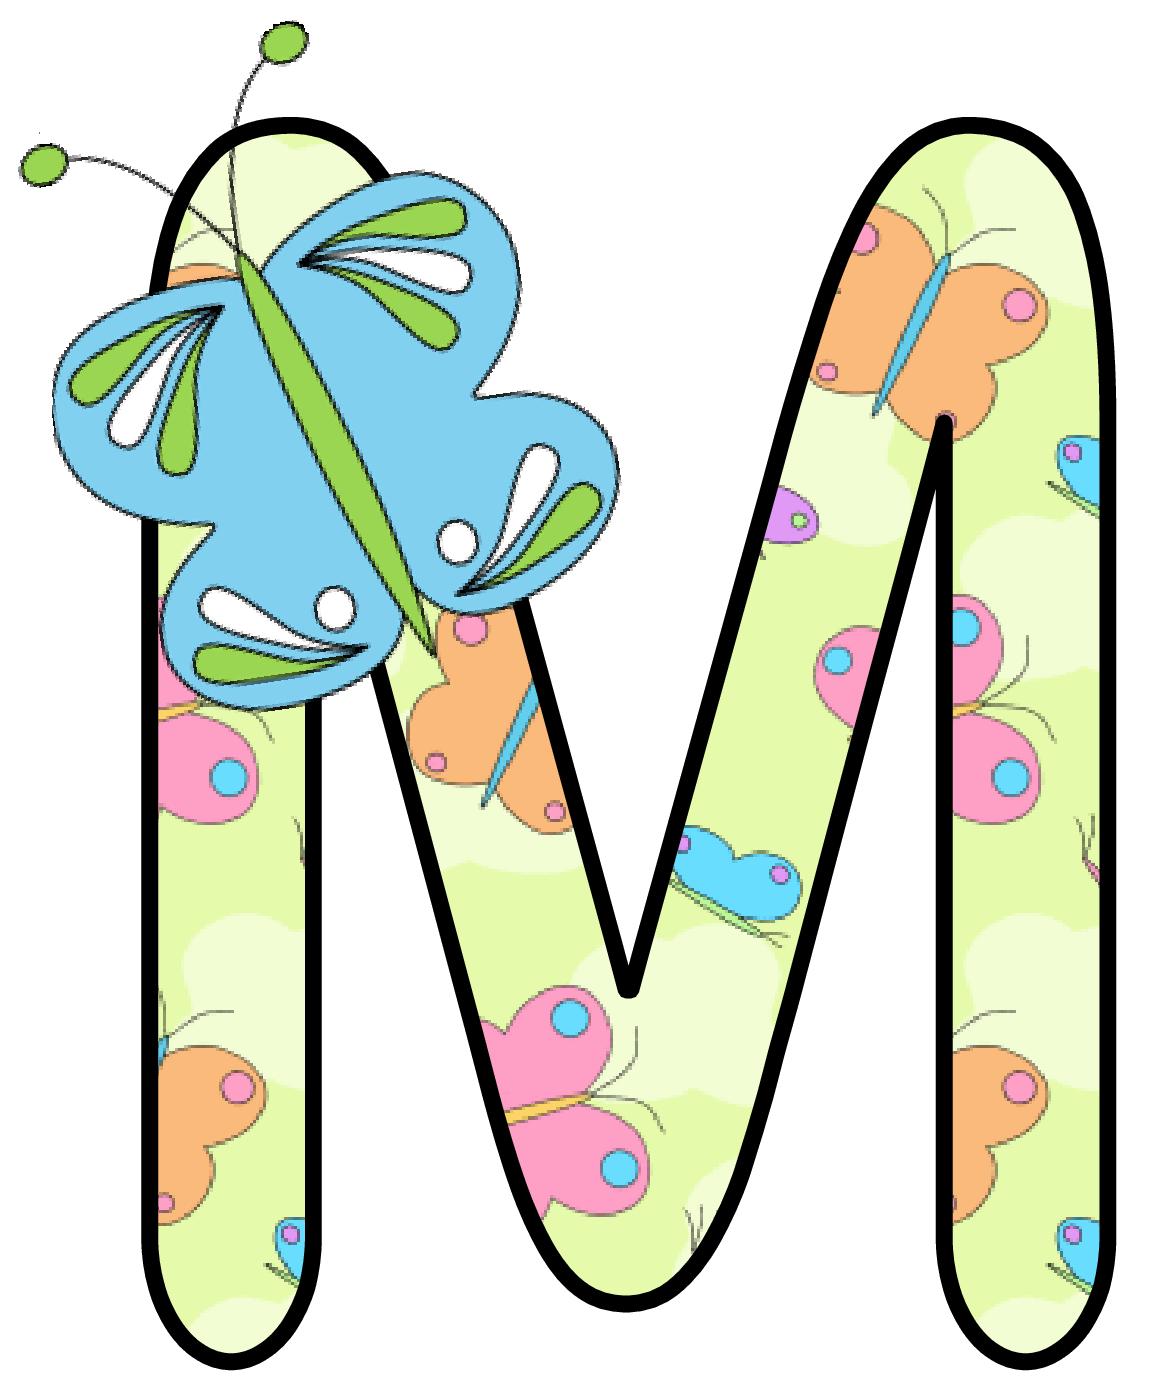 1165x1400 Ch B Alfabeto Mariposas De Kid Sparkz Alpha Butterflies